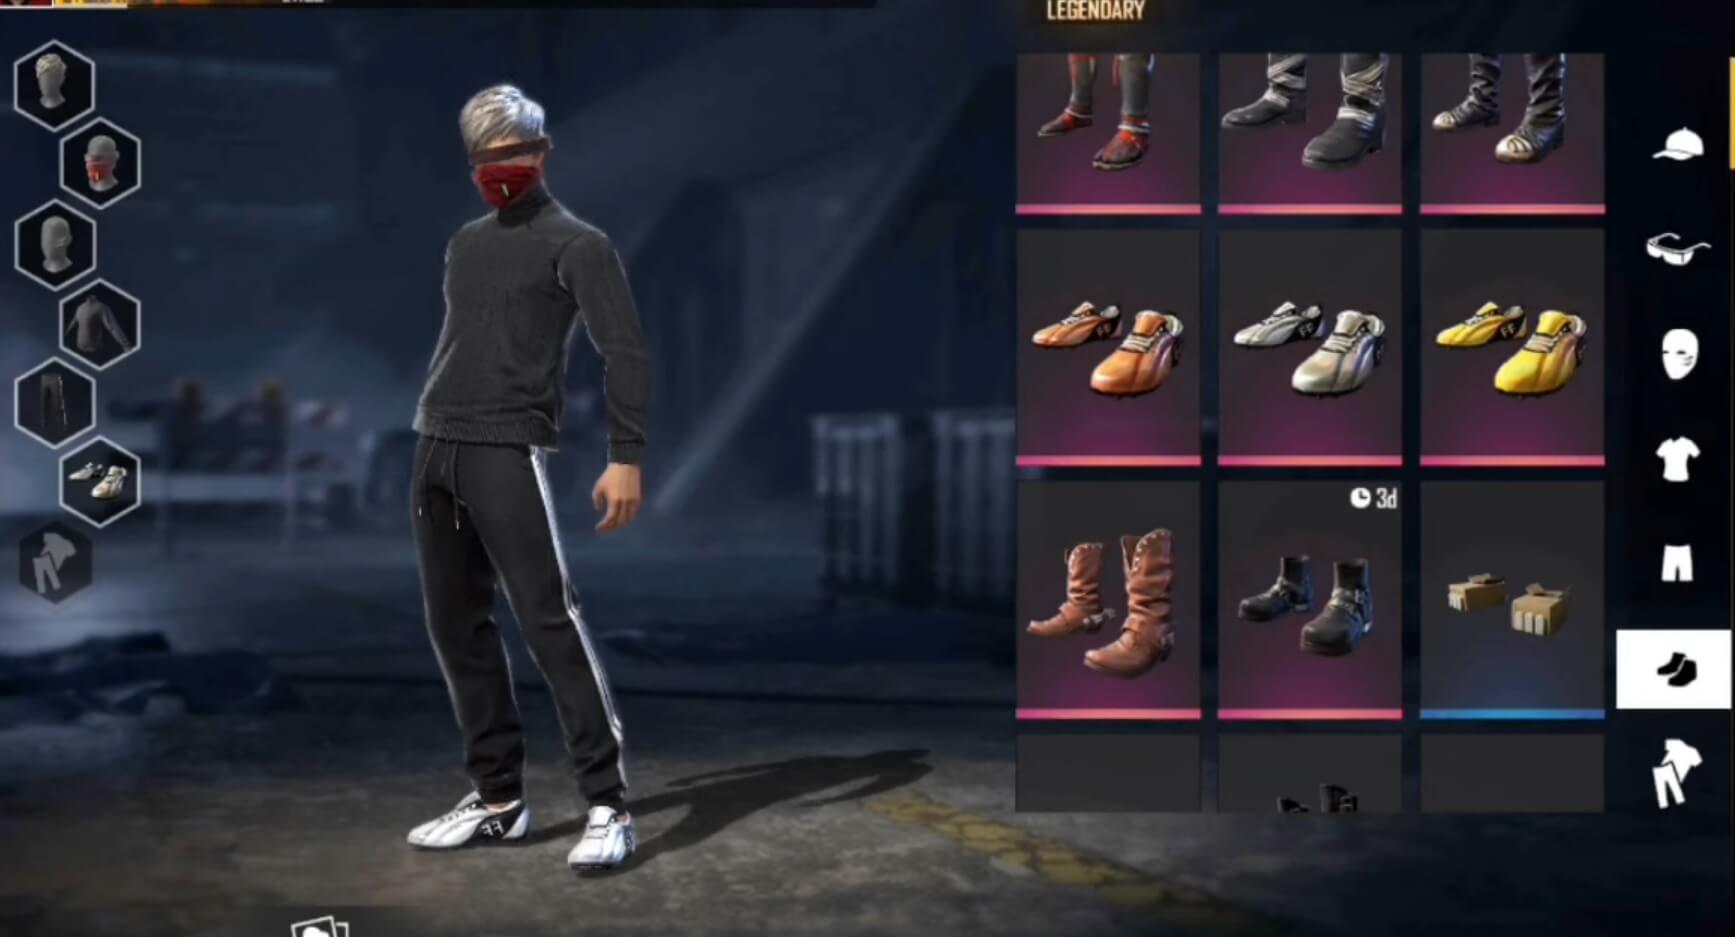 Sepatu-Bola-Free-Fire-Letda-Hyper-Item-Paling-Diburu-Para-Pemain